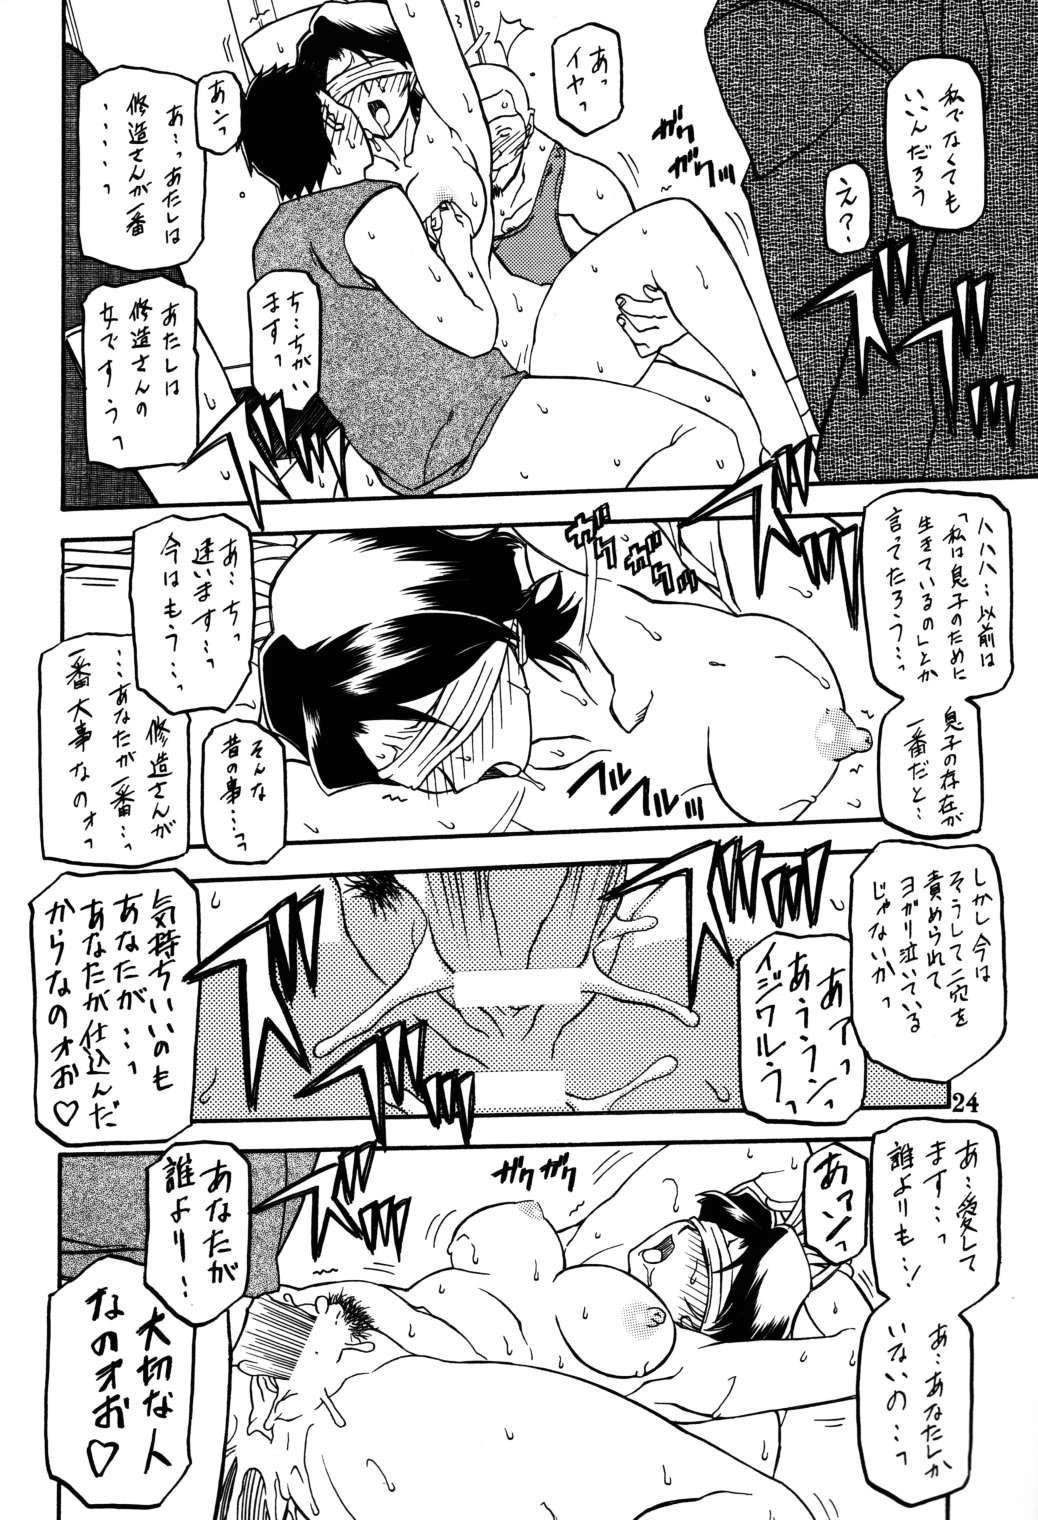 Akebi no Mi - Masae 22